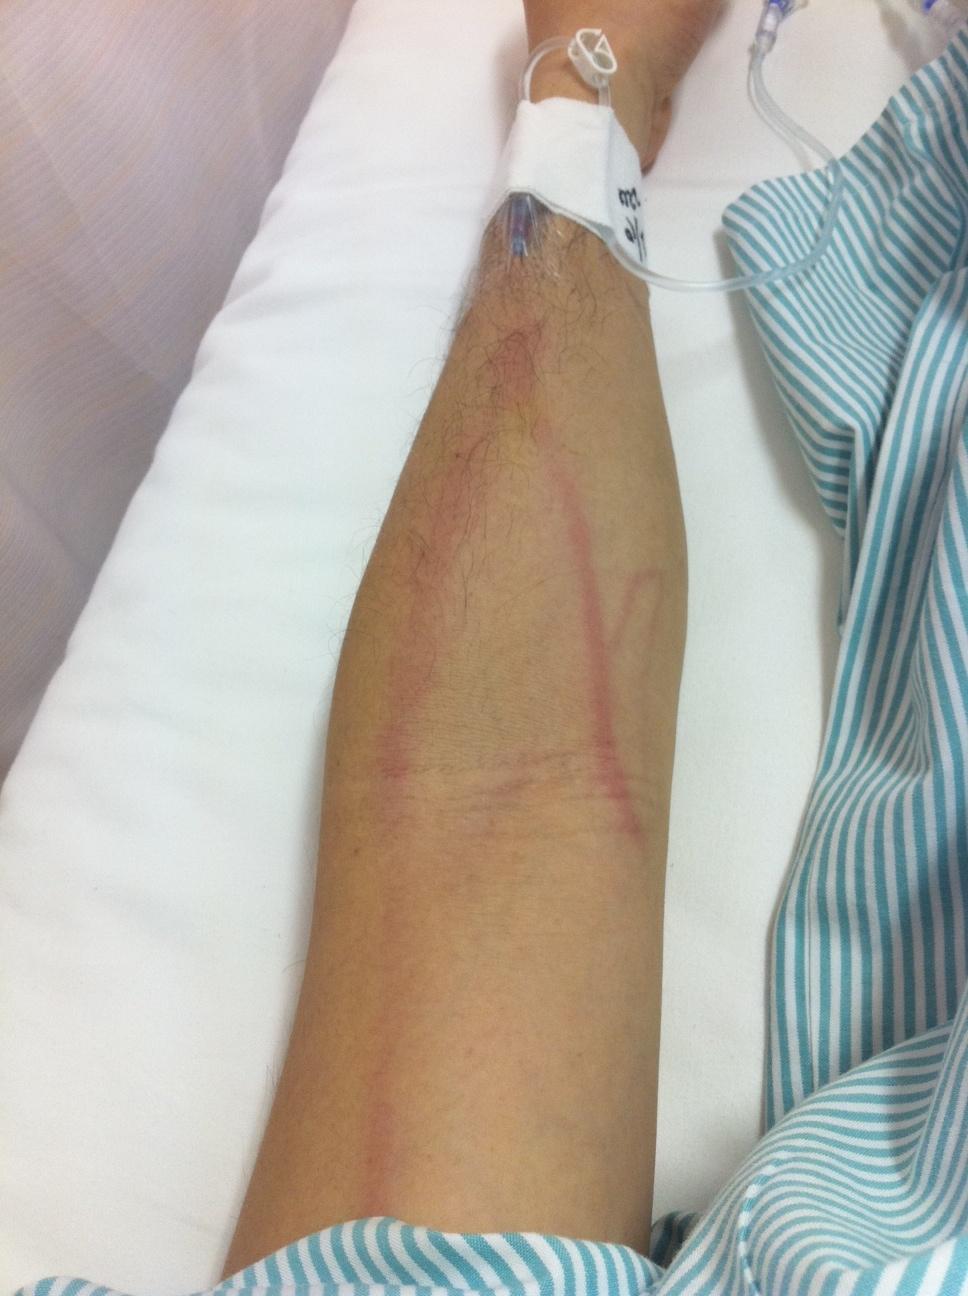 At_hospital2